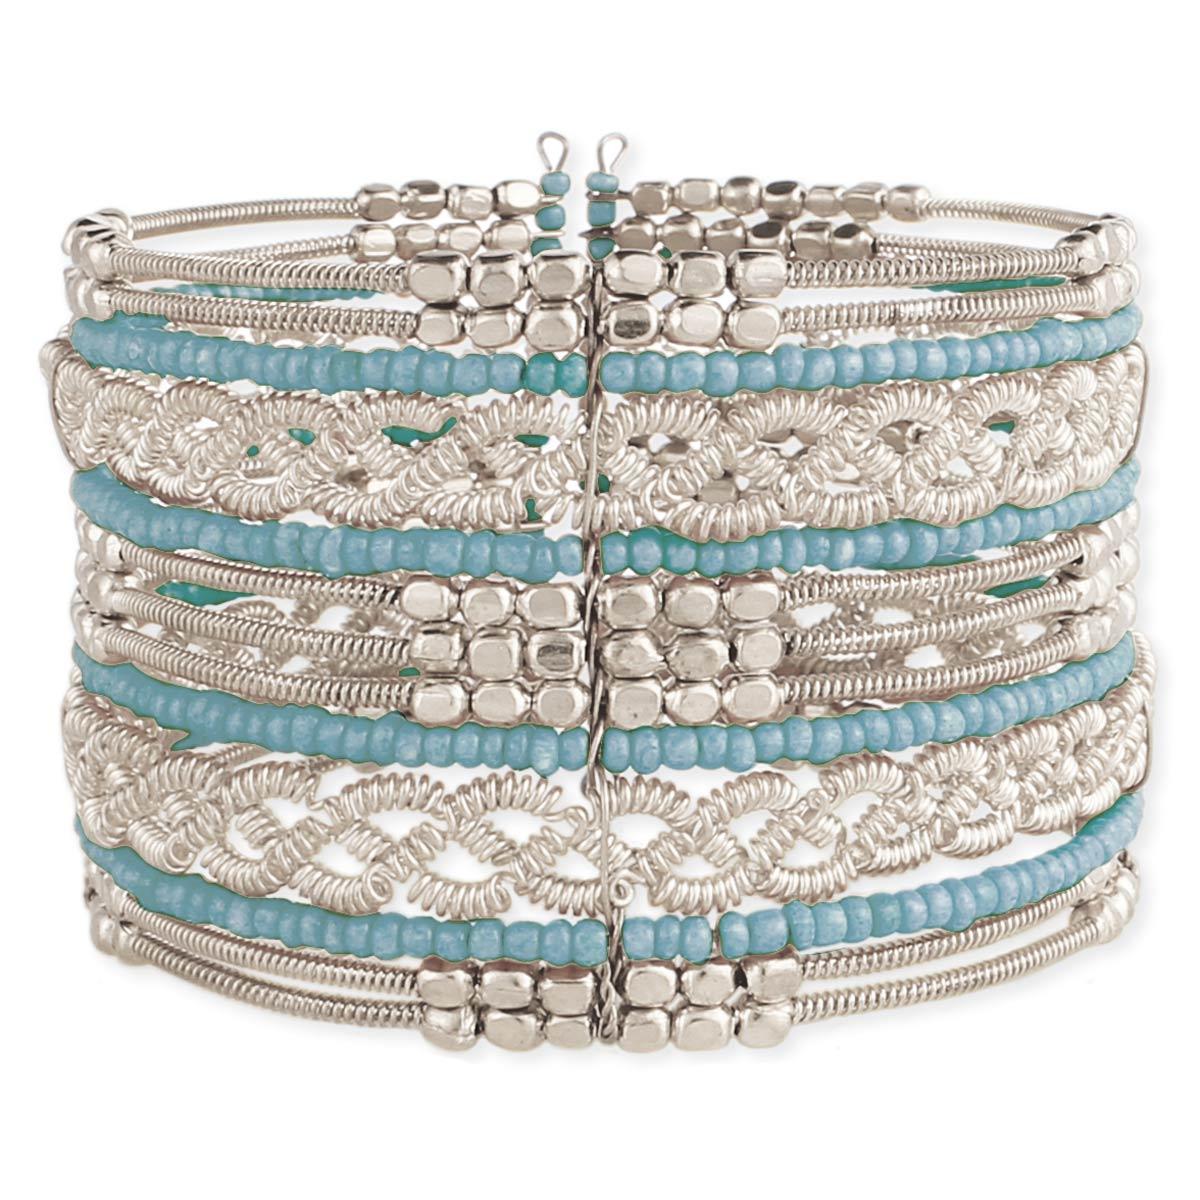 Wide Beaded Silver Cuff Bracelet